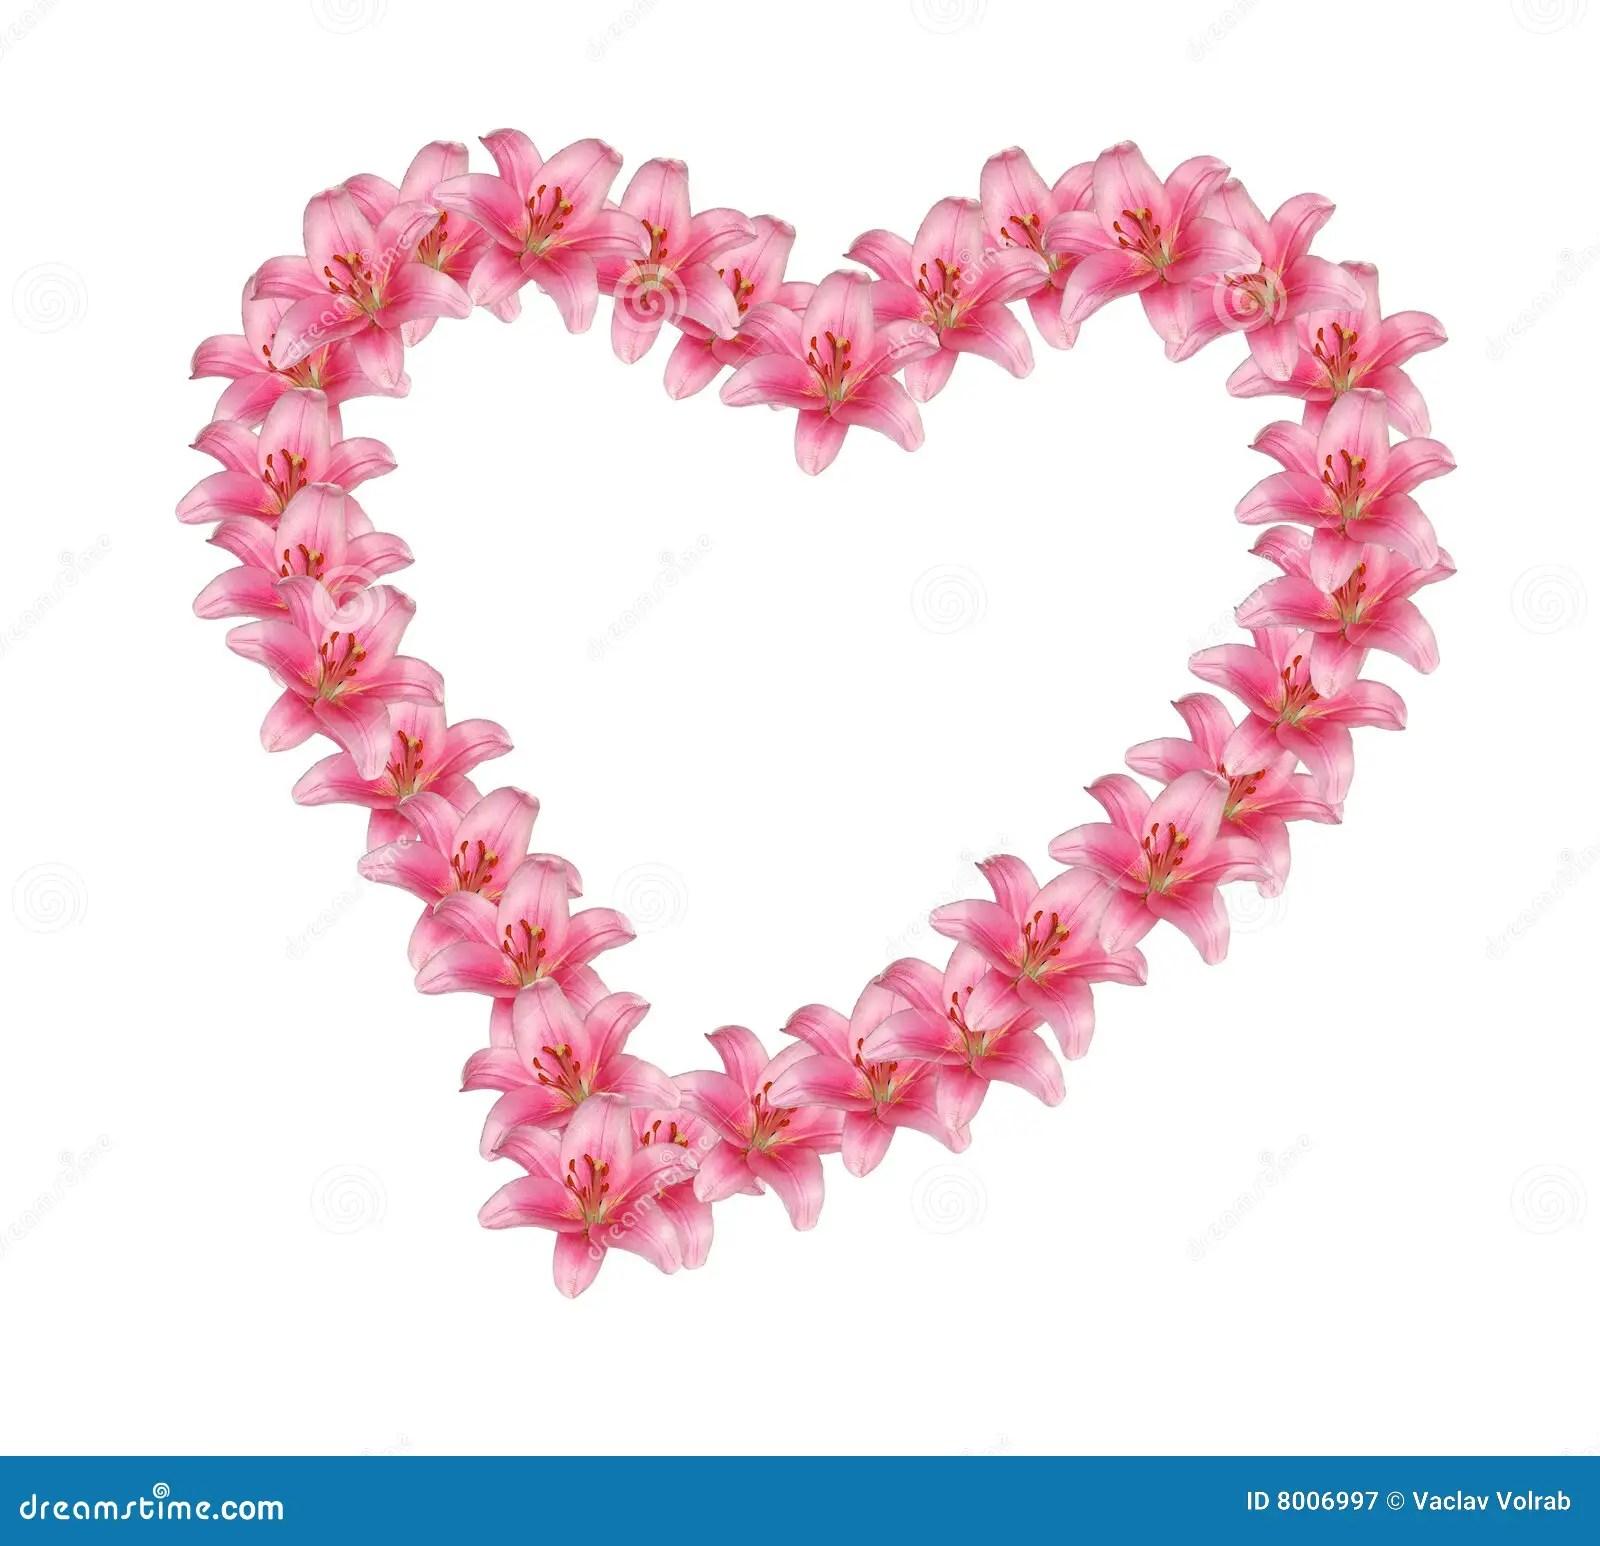 flower heart stock image